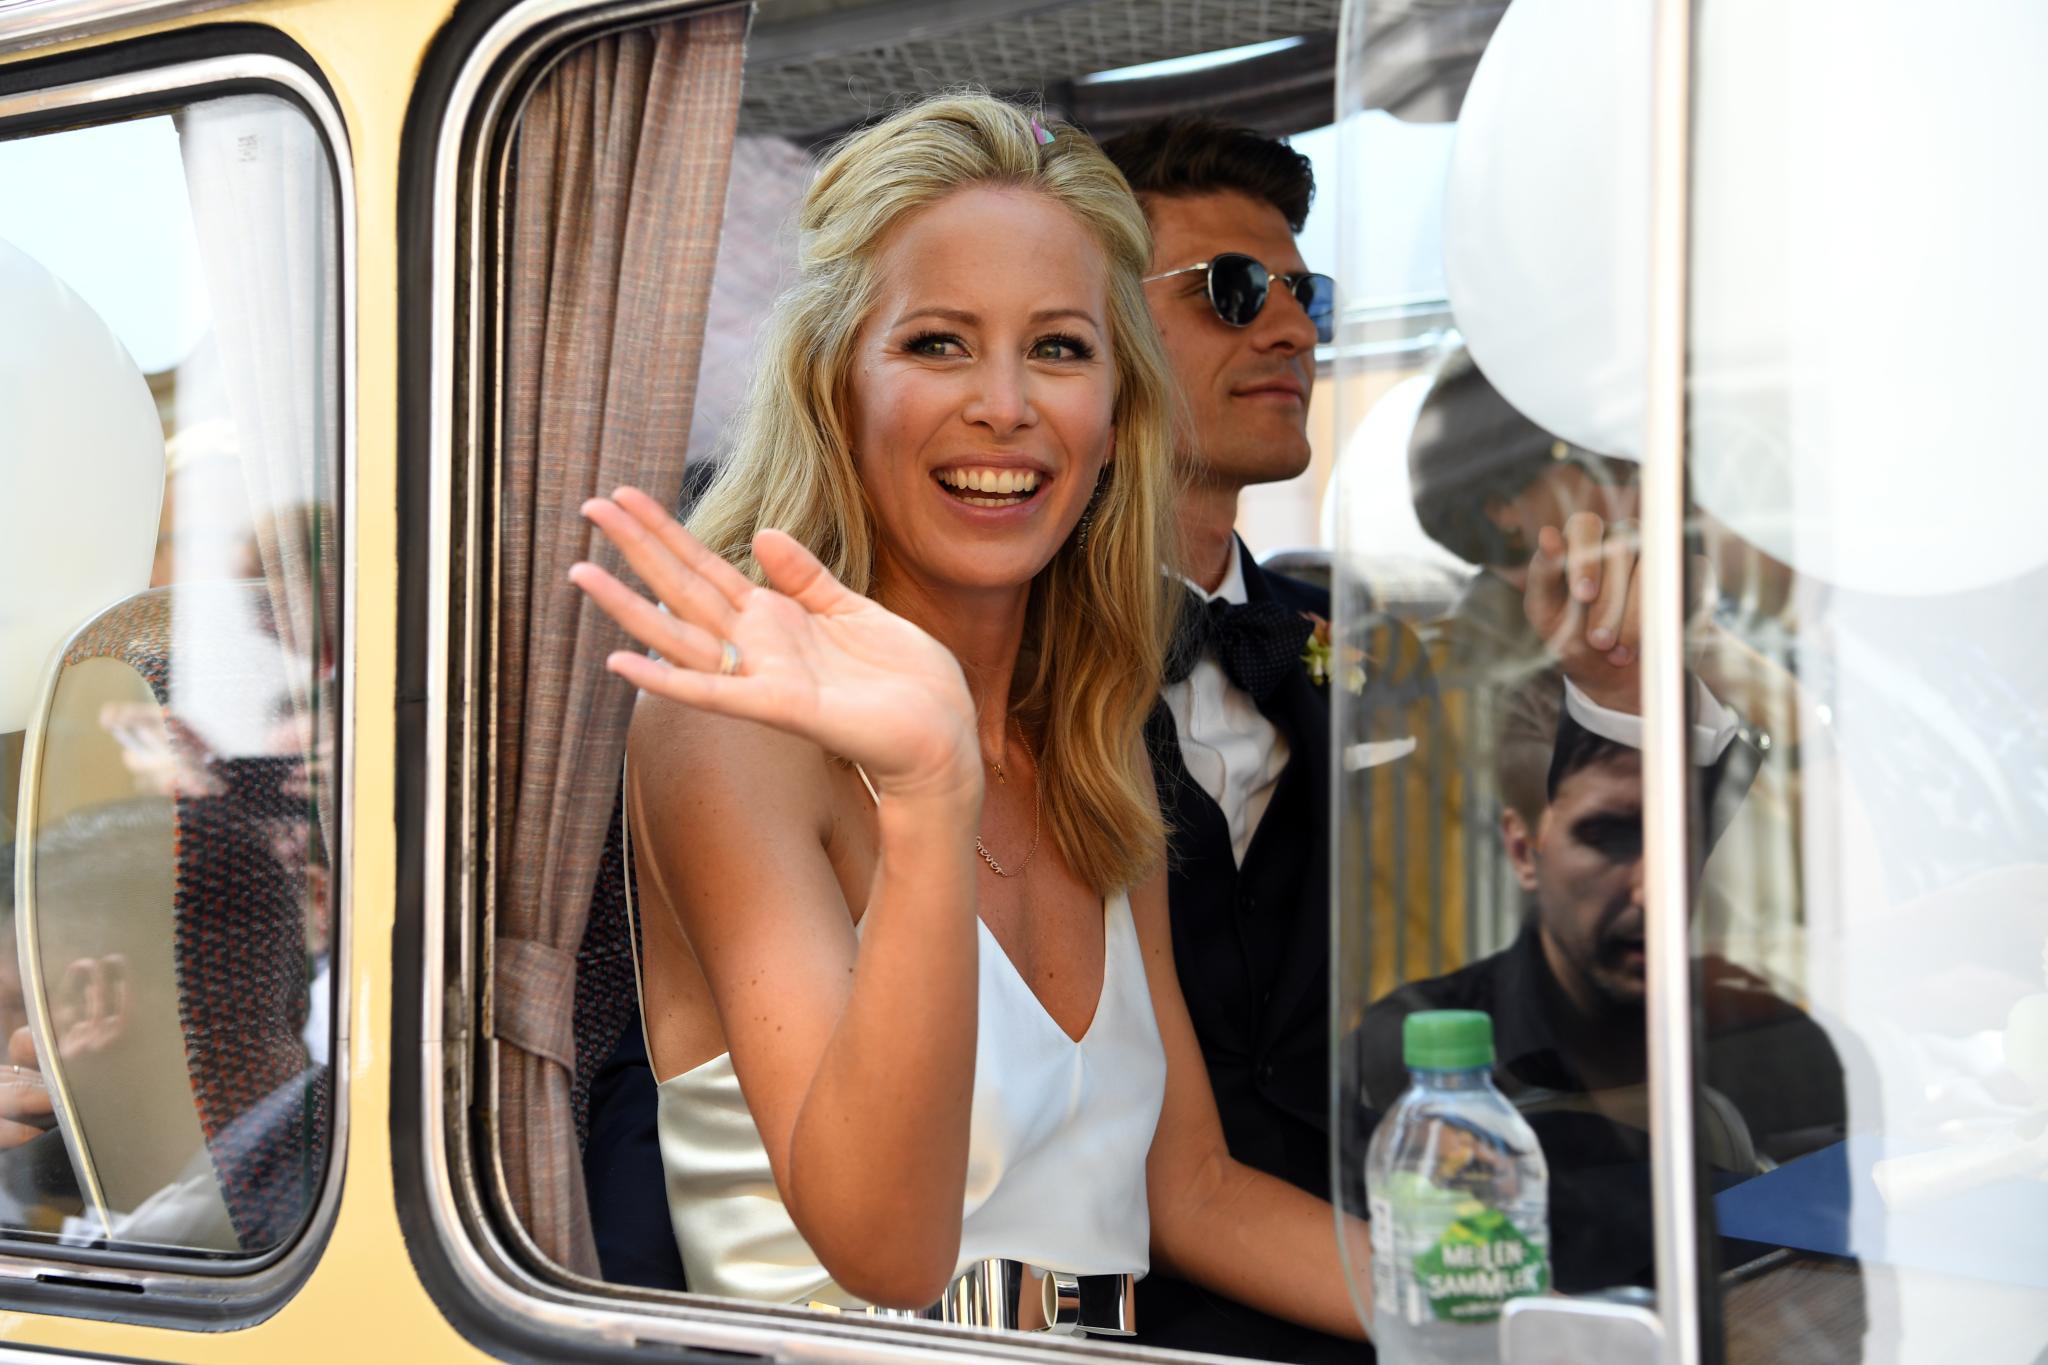 Glücklich verheiratet: Nach ihrer standesamtlichen Trauung winkt Carina Gomez neben ihrem Mann Mario Gomez den Gästen zu.